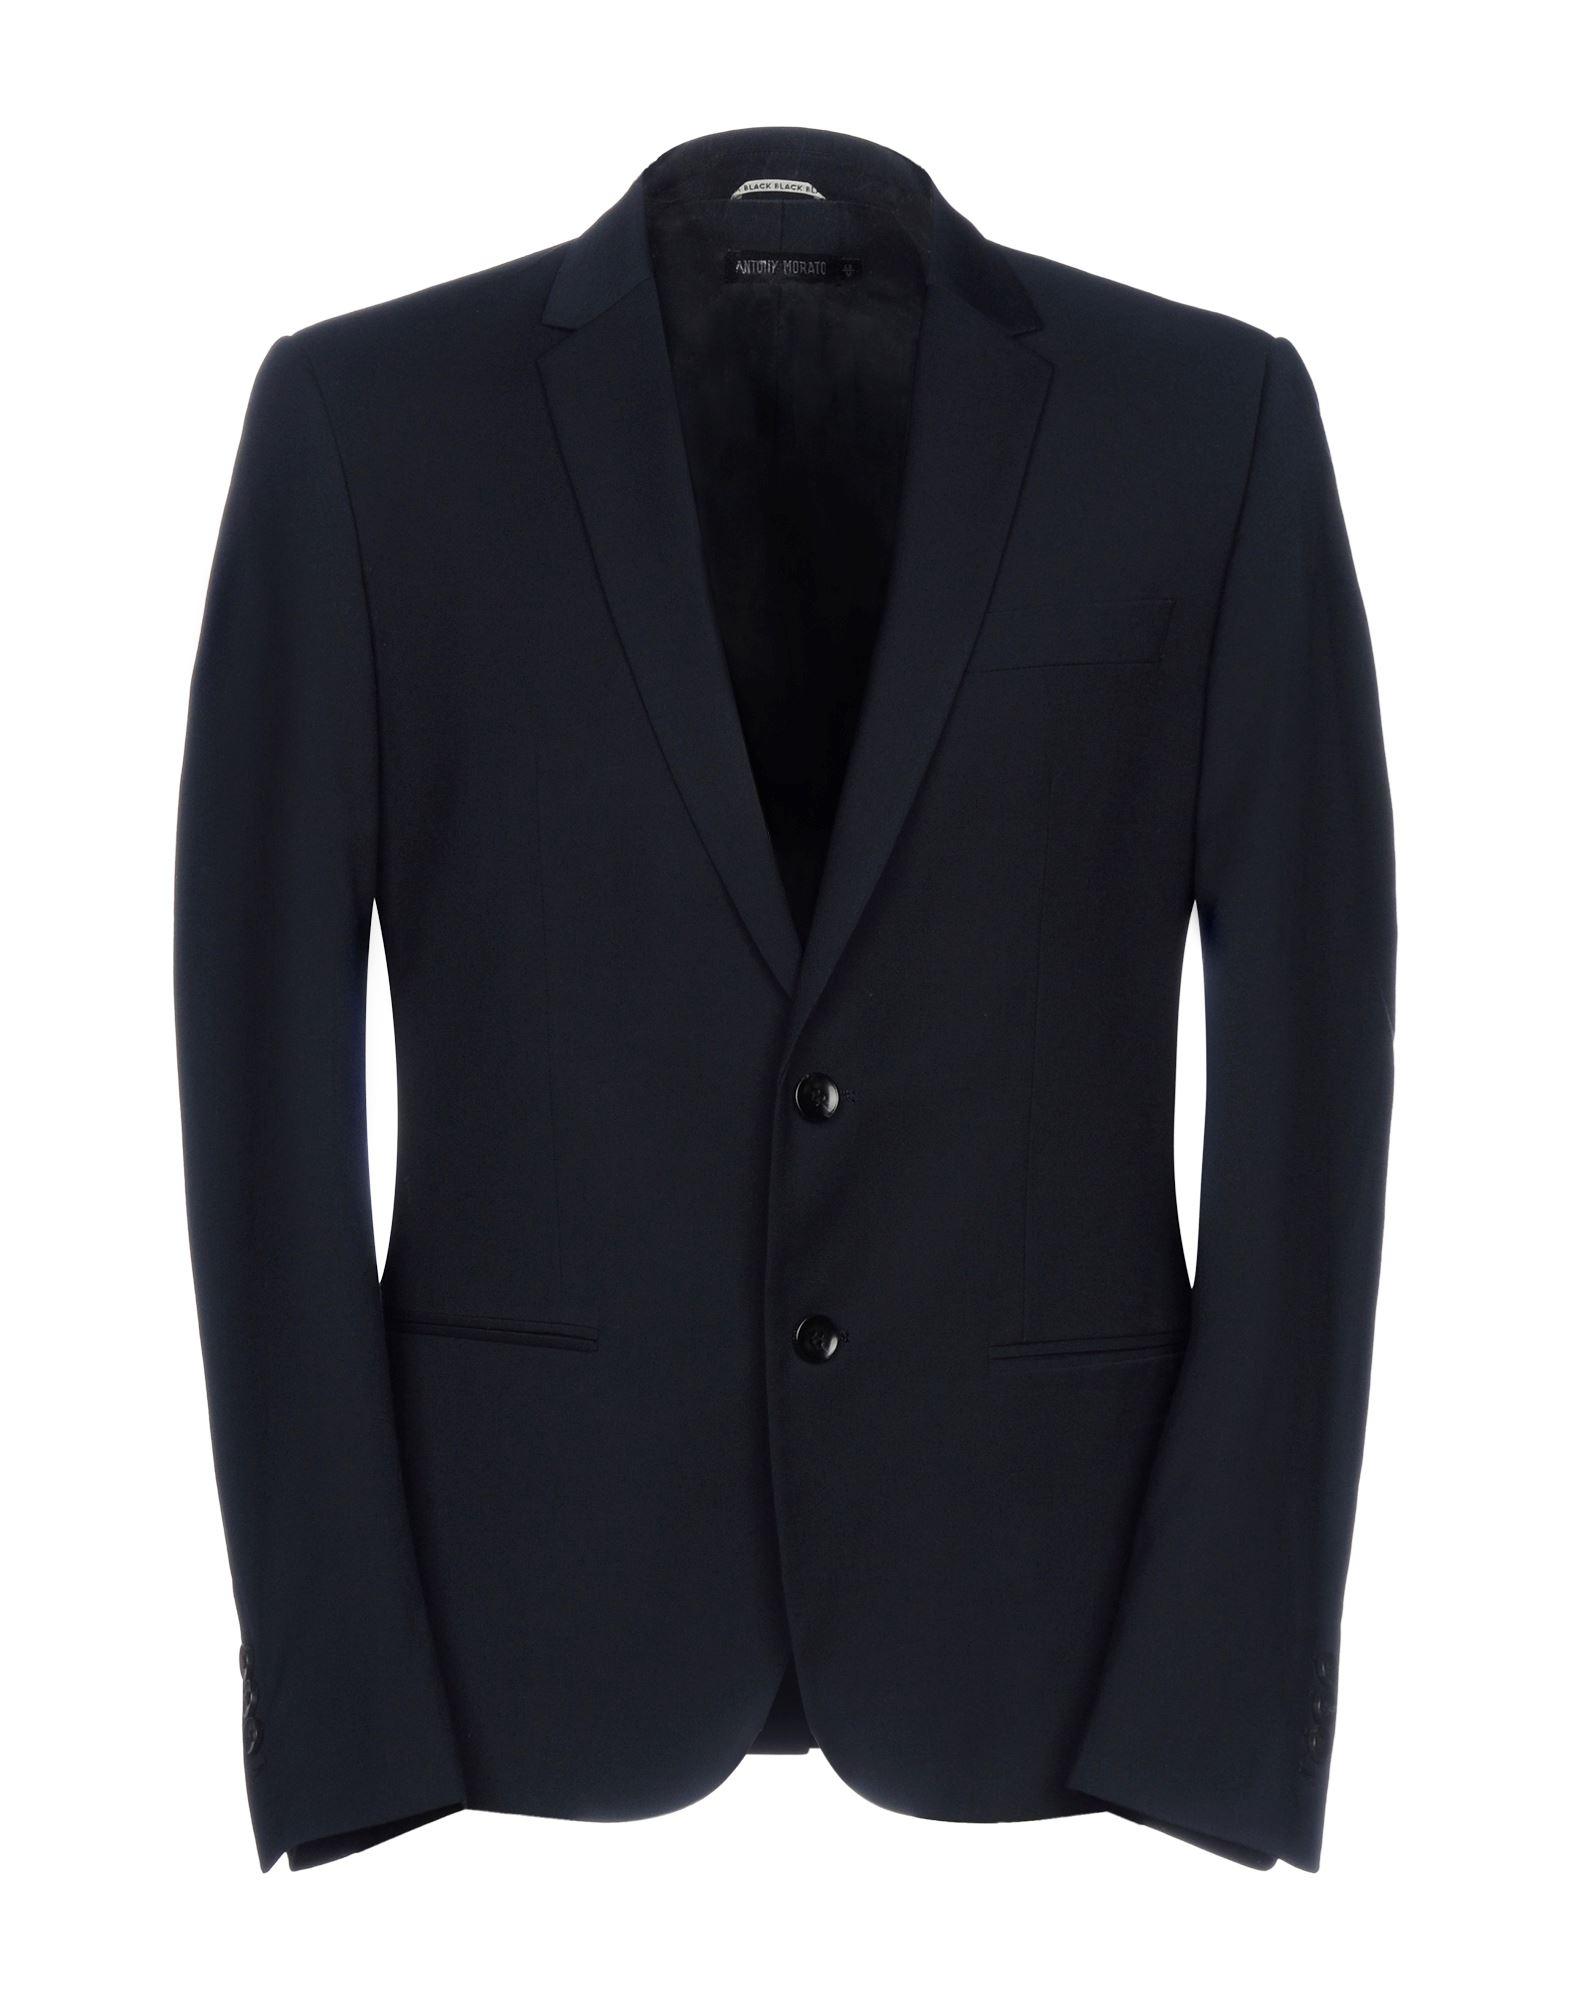 《送料無料》ANTONY MORATO メンズ テーラードジャケット ダークブルー 48 ポリエステル 65% / レーヨン 24% / ウール 9% / ポリウレタン 2%